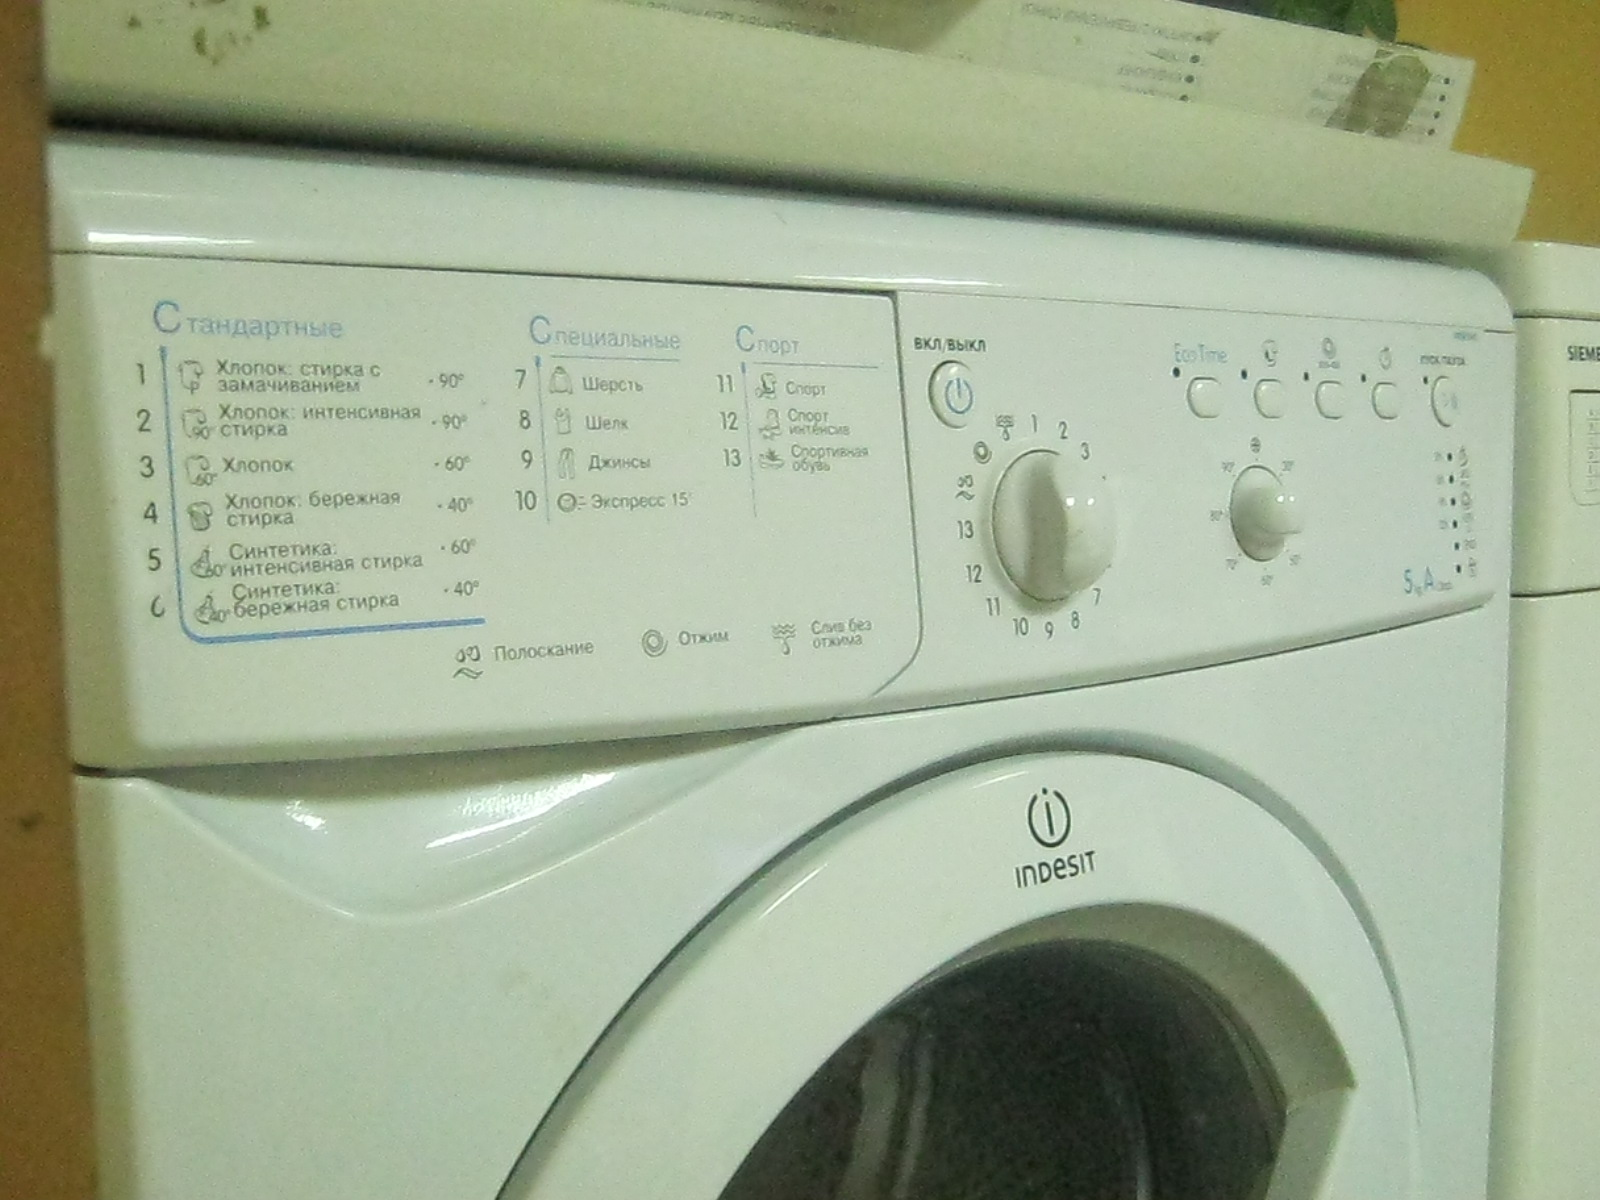 Ремонт стиральной машины индезит wt62 своими руками